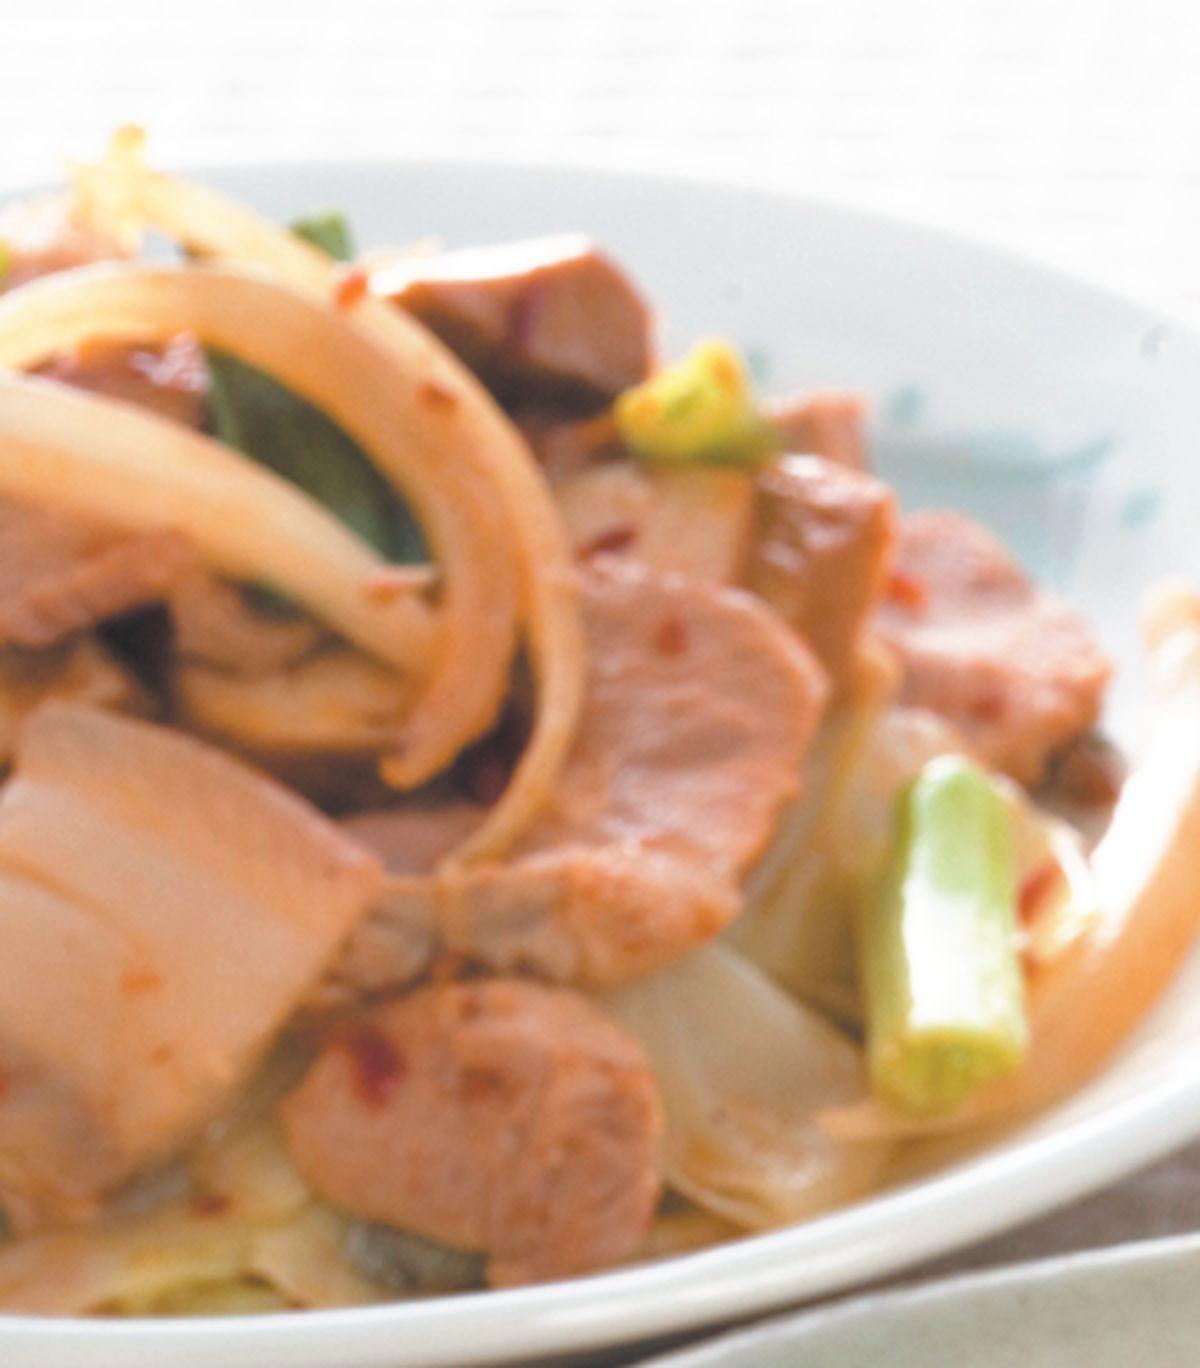 食譜:炒回鍋肉